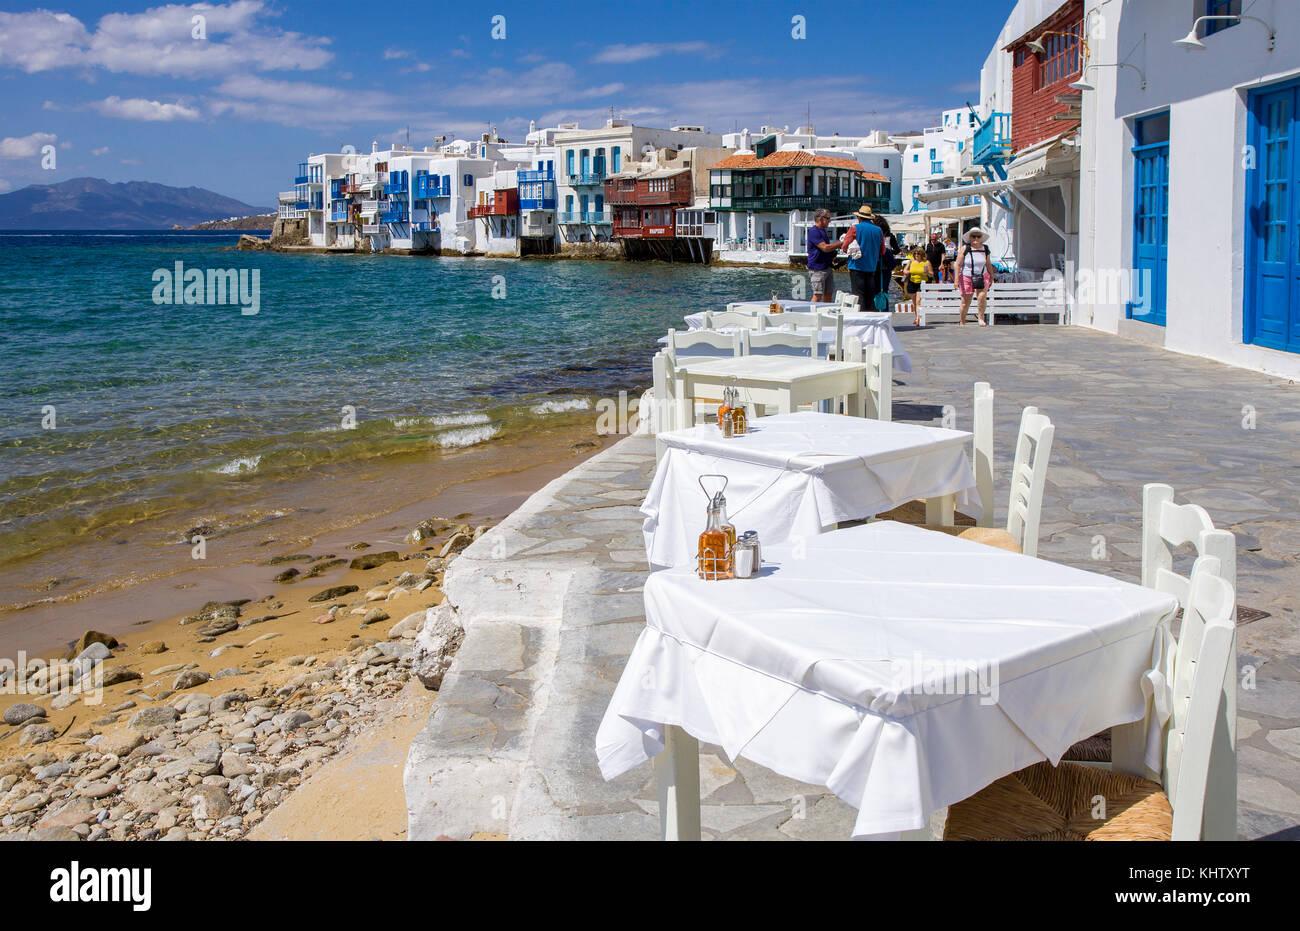 Gastronomie dans la région de klein venedig à Mykonos-Stadt, gastronomie à la petite Venise de Mykonos Photo Stock